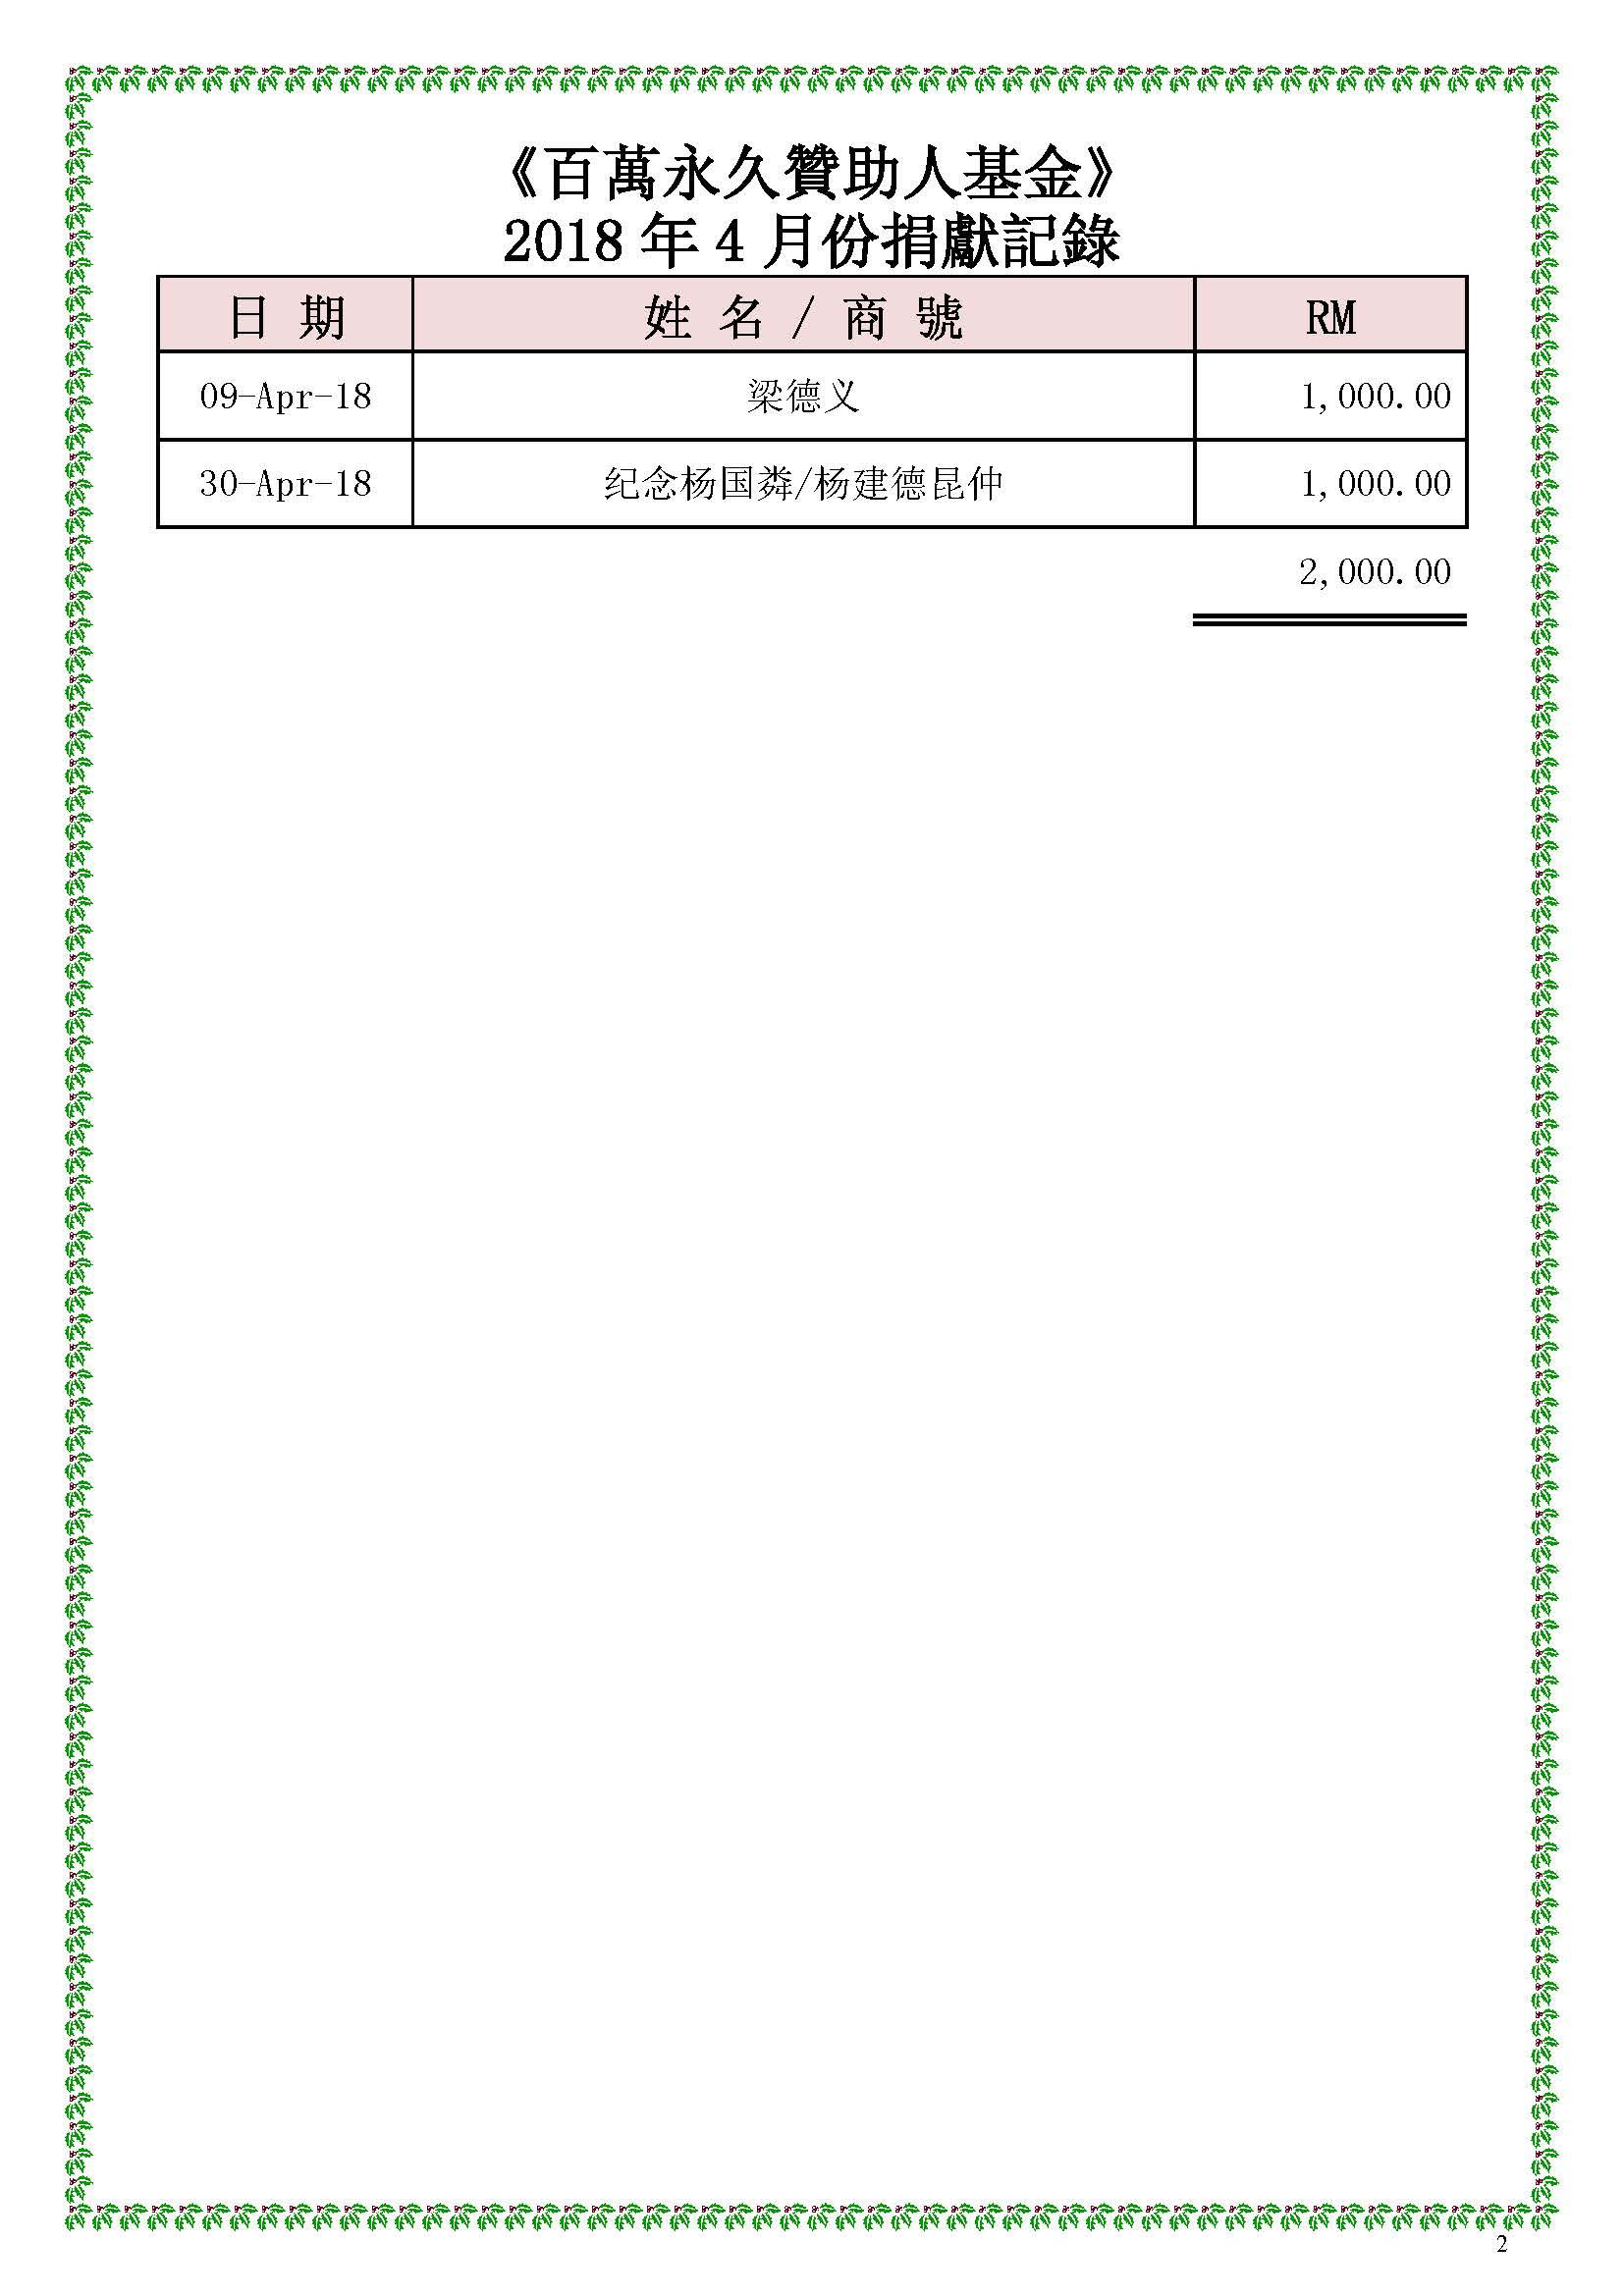 2018年4月份捐獻記錄—修改后_Page_02